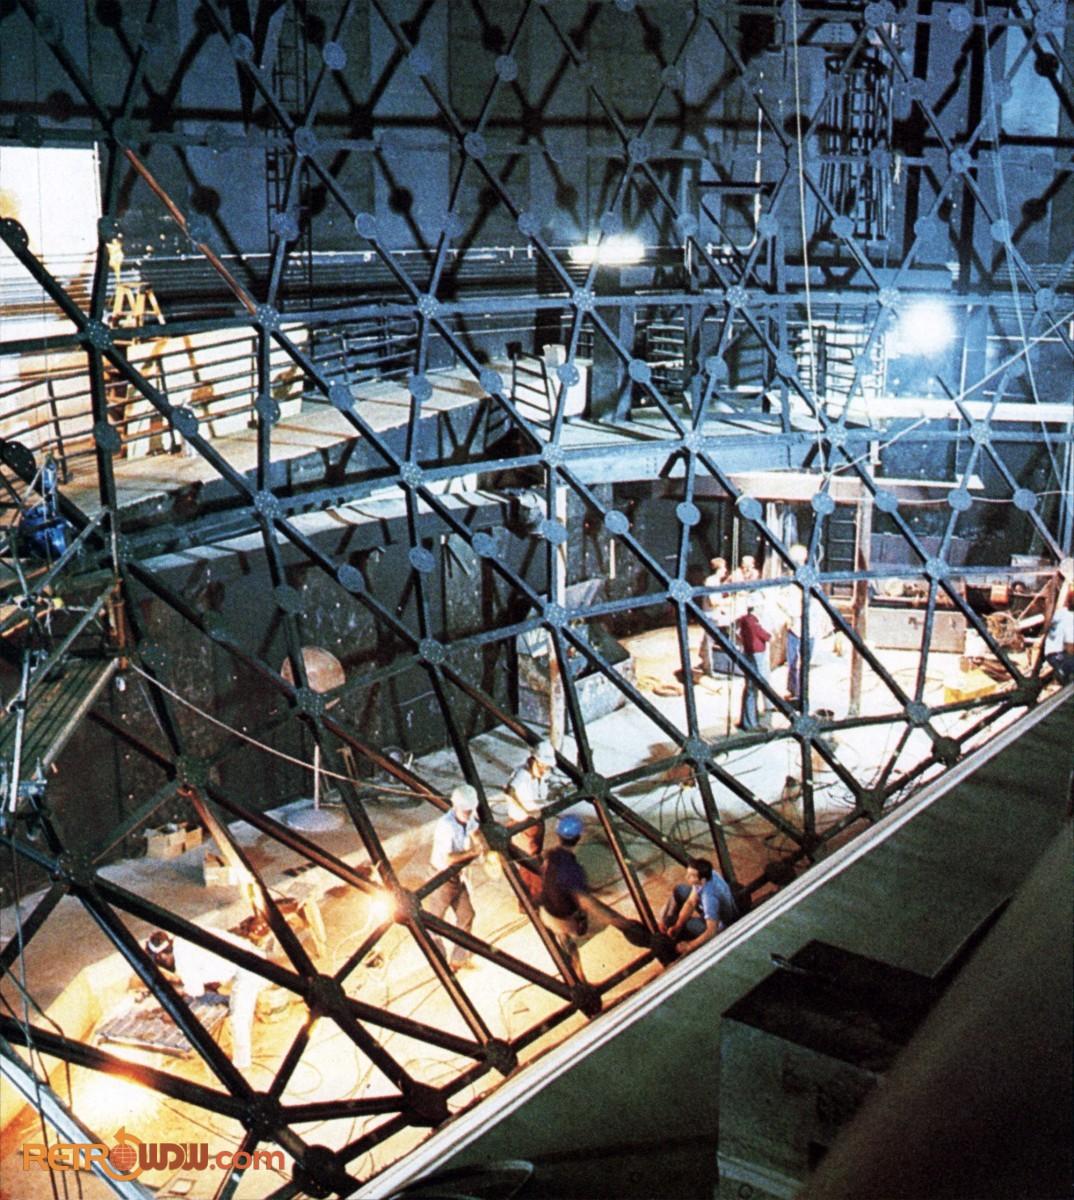 Omnisphere construction